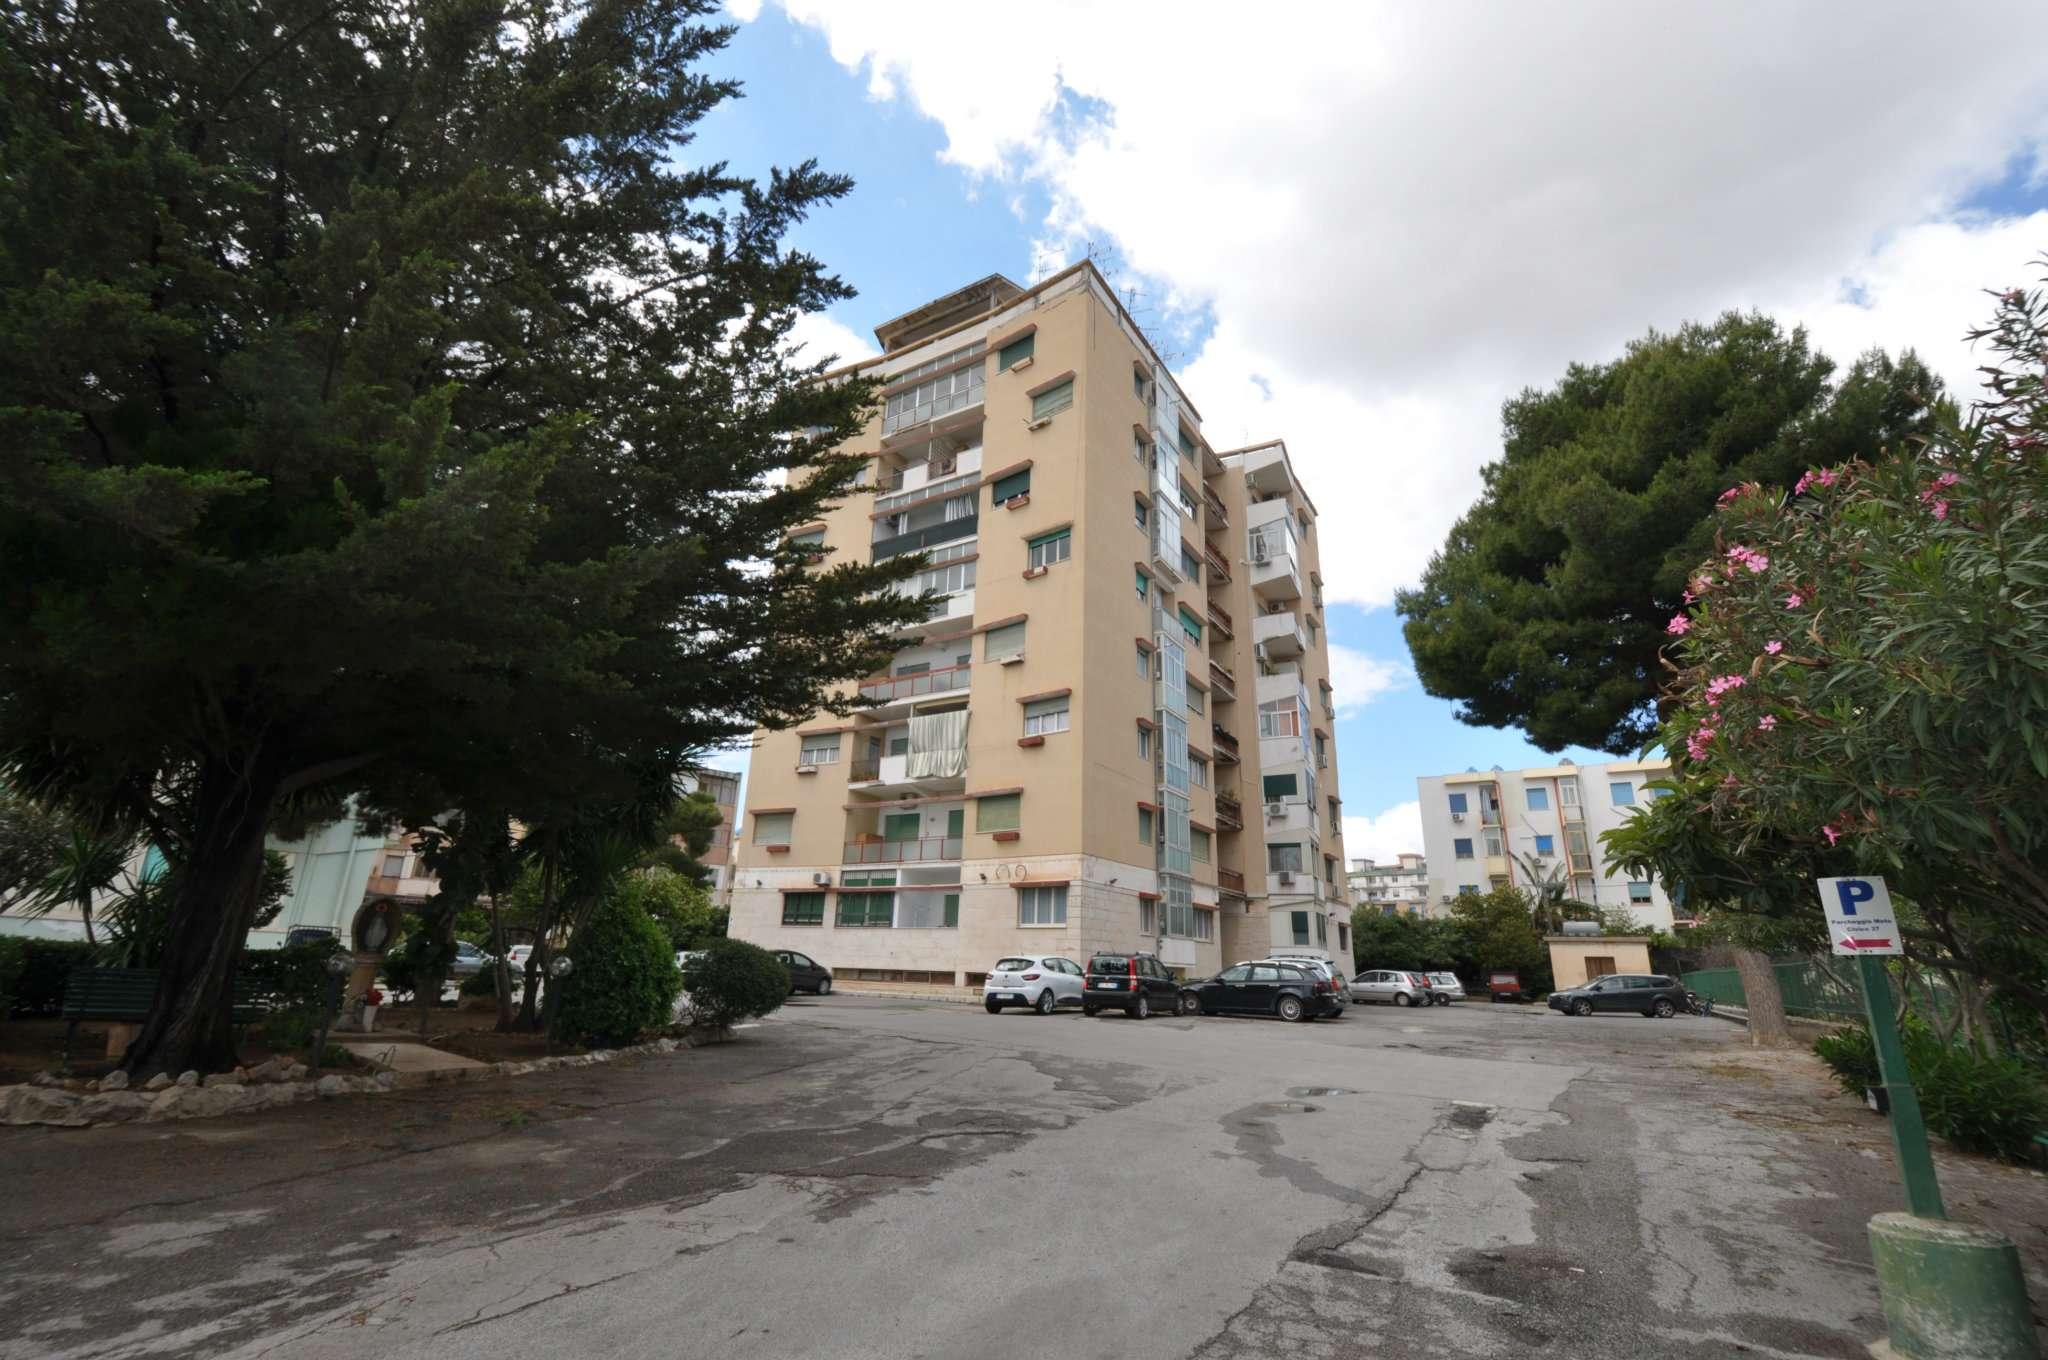 Appartamento in Vendita a Palermo:  2 locali, 70 mq  - Foto 1